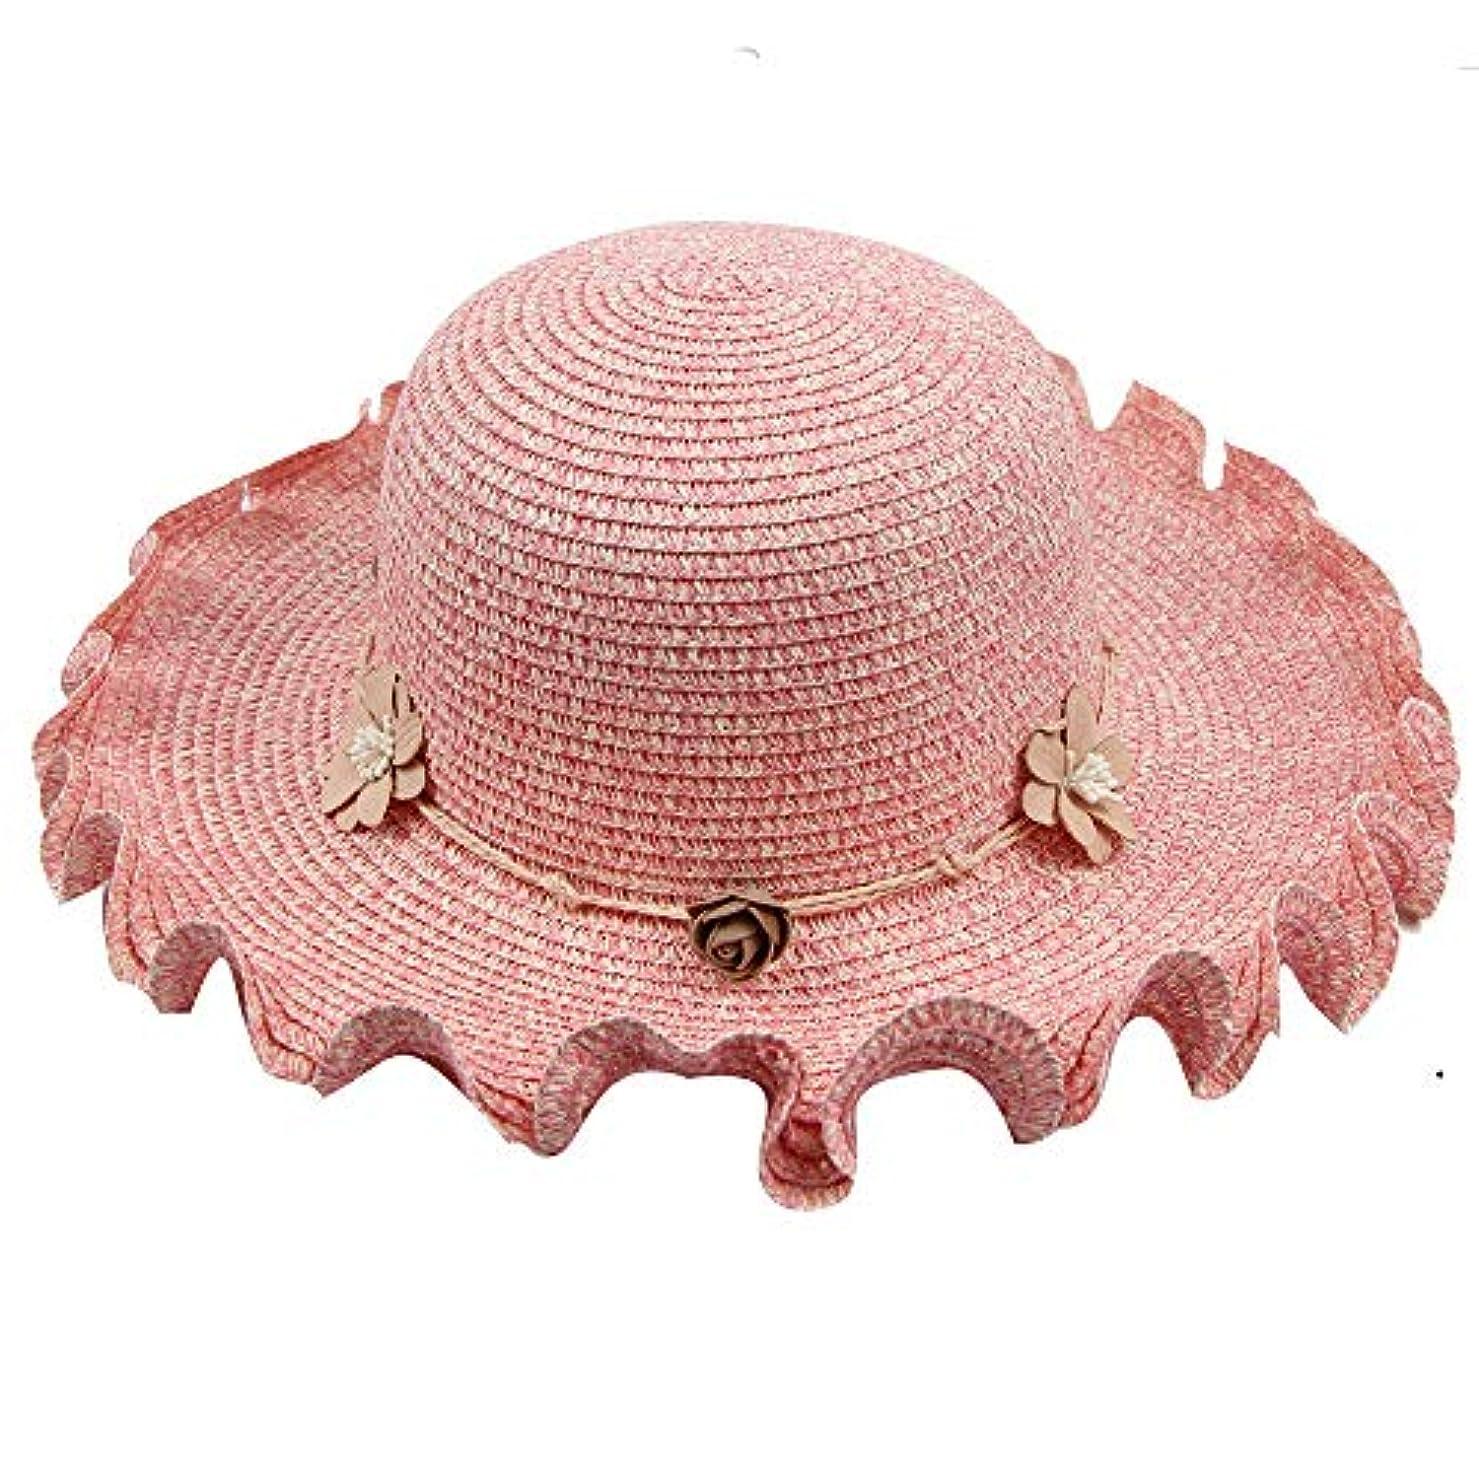 操作明らかにする明らかに帽子 ROSE ROMAN ハット レディース 帽子 サイズ調整 テープ 夏 ビーチ 必須 UVカット 帽子 日焼け防止 紫外線対策 ニット帽 ビーチ レディース ハンチング帽 発送 春夏 ベレー帽 帽子 レディース ブリーズフレンチハット